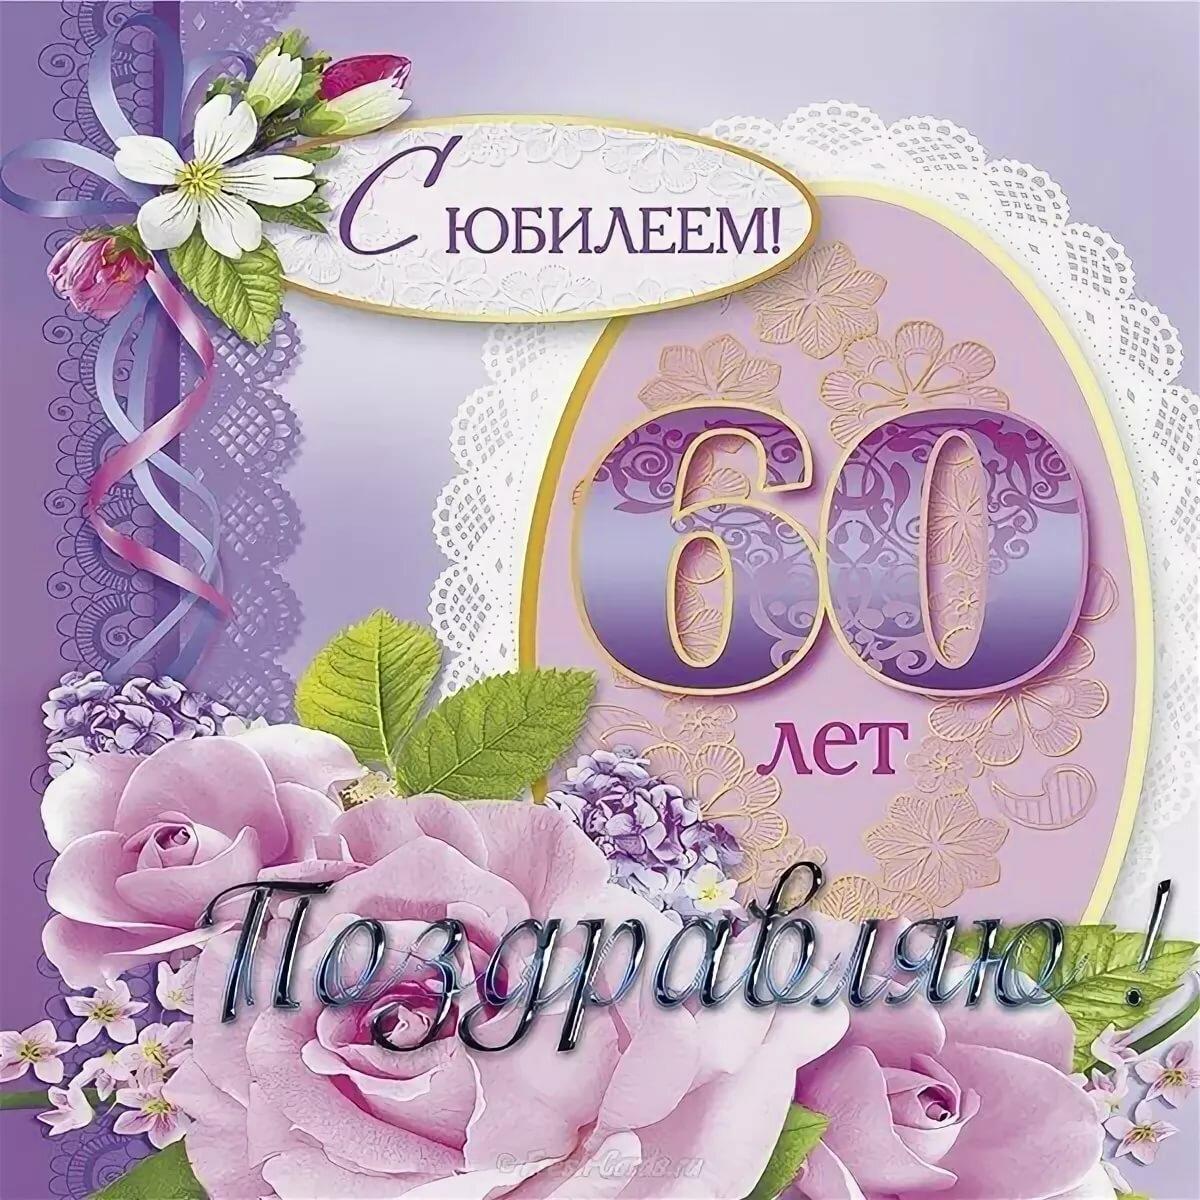 Поздравляю картинки, красивые открытки на юбилей 60 лет